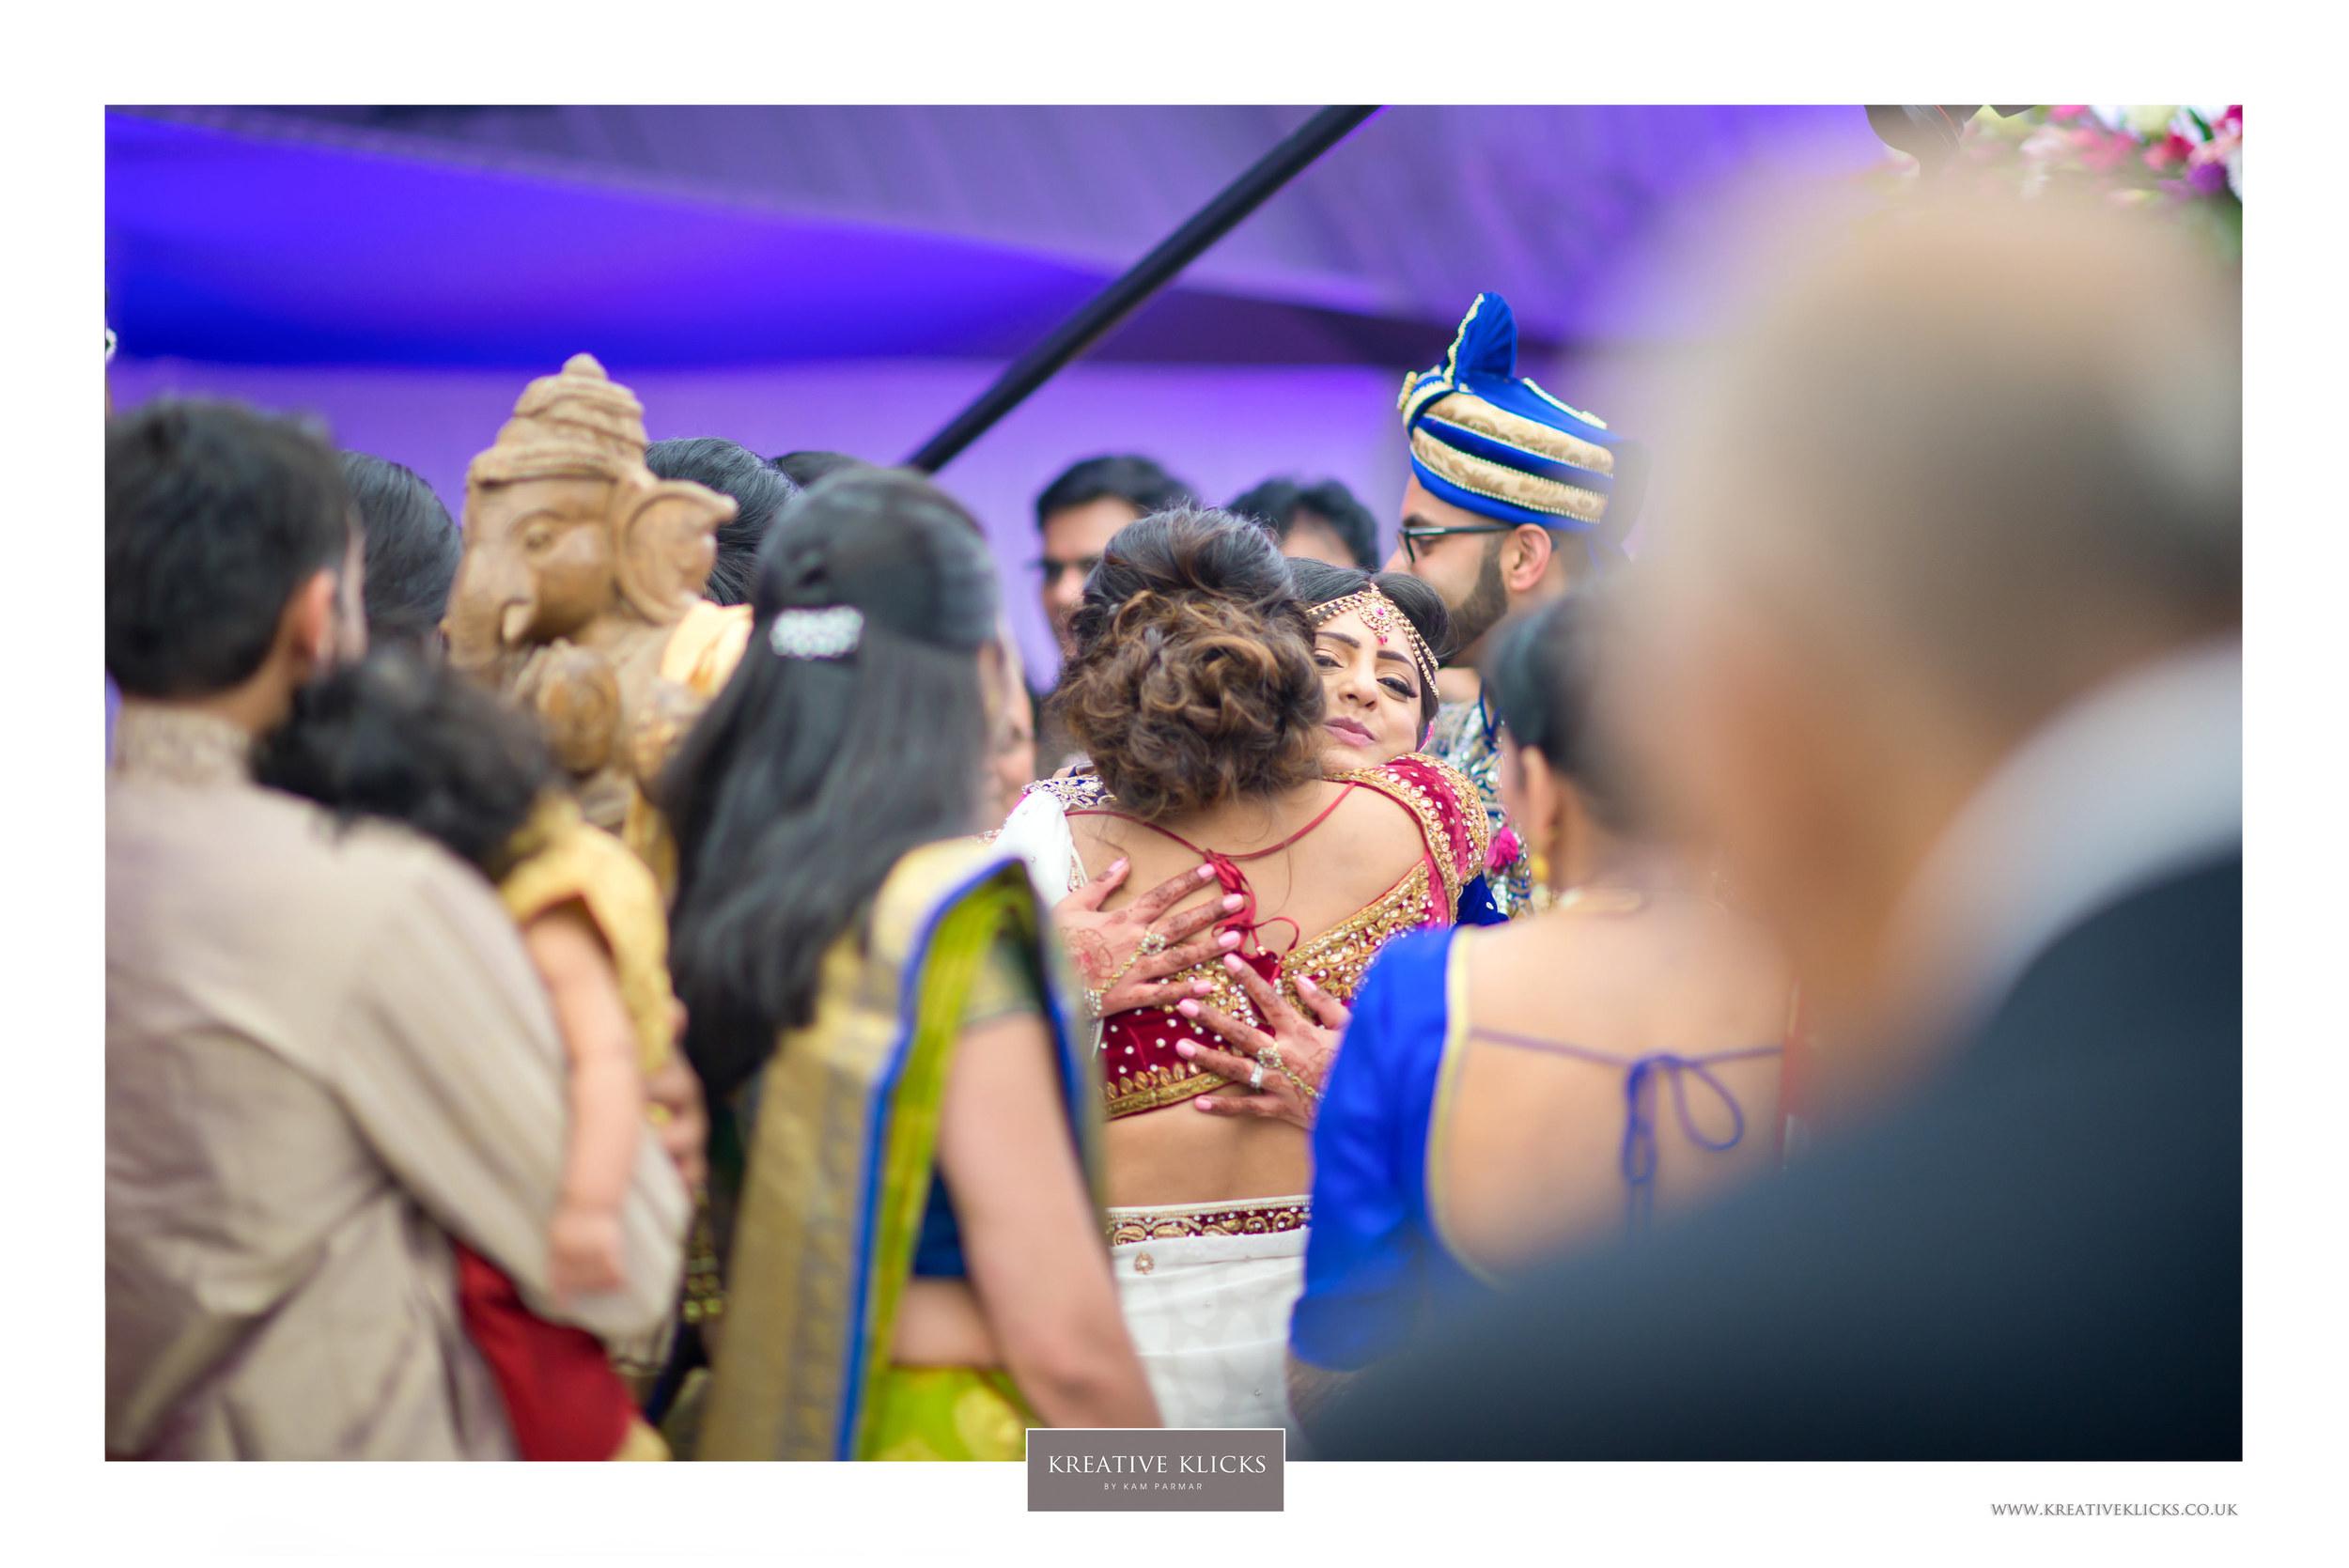 H&M_Hindu-1138 KK.jpg